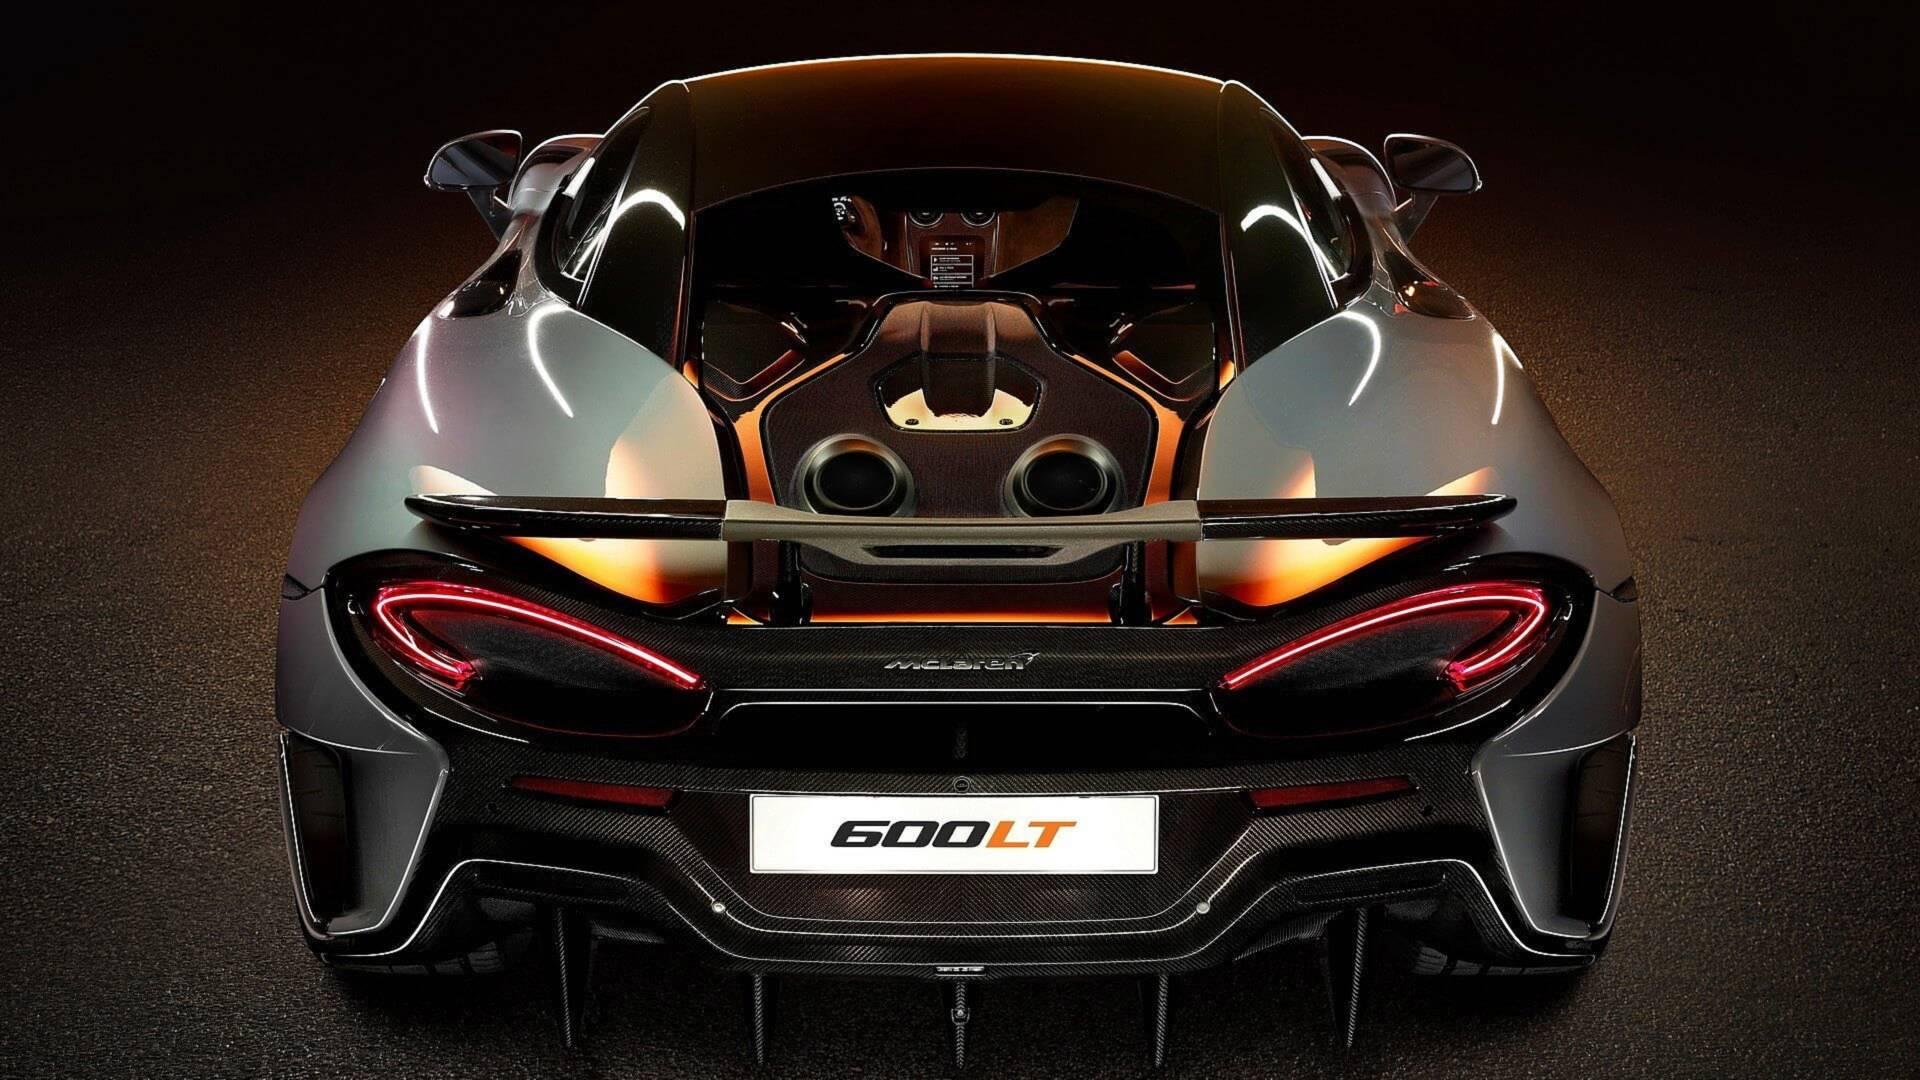 mclaren 600lt adds power and lightness to 570s rh motor1 com mc laren 600 lt mso mclaren 600lt price